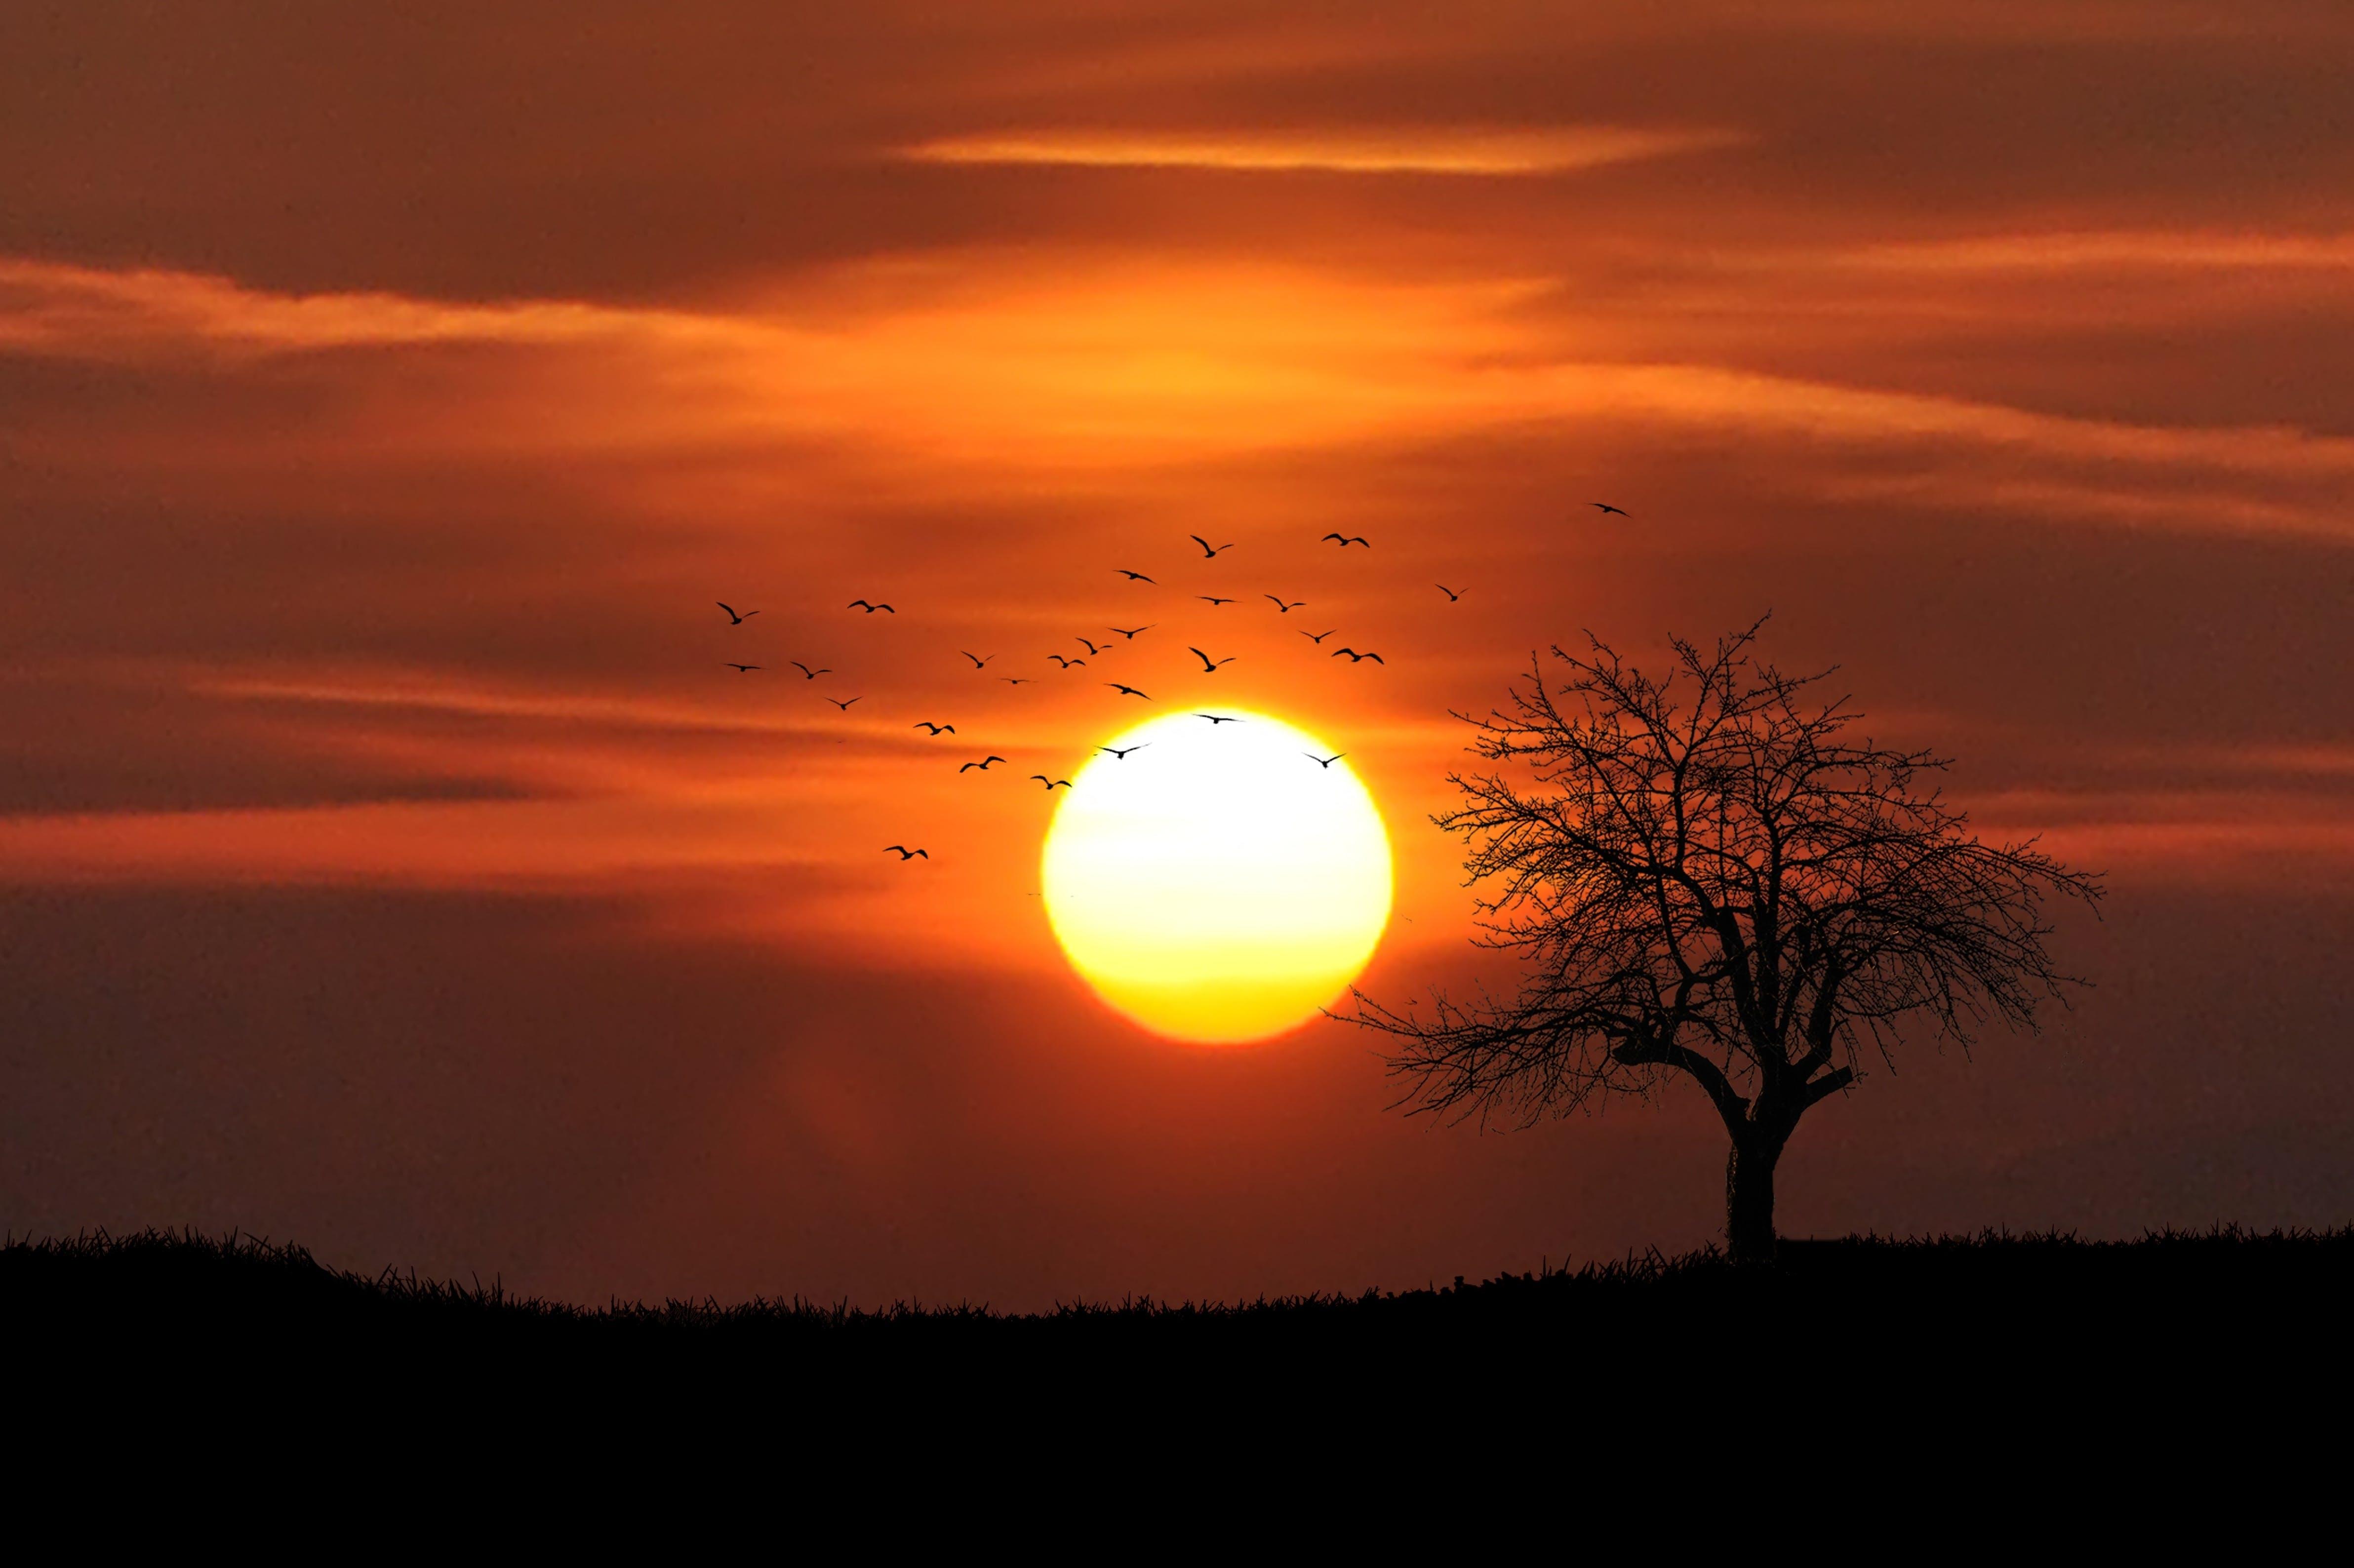 Kostenloses Stock Foto zu landschaft, natur, sonnenuntergang, bäume